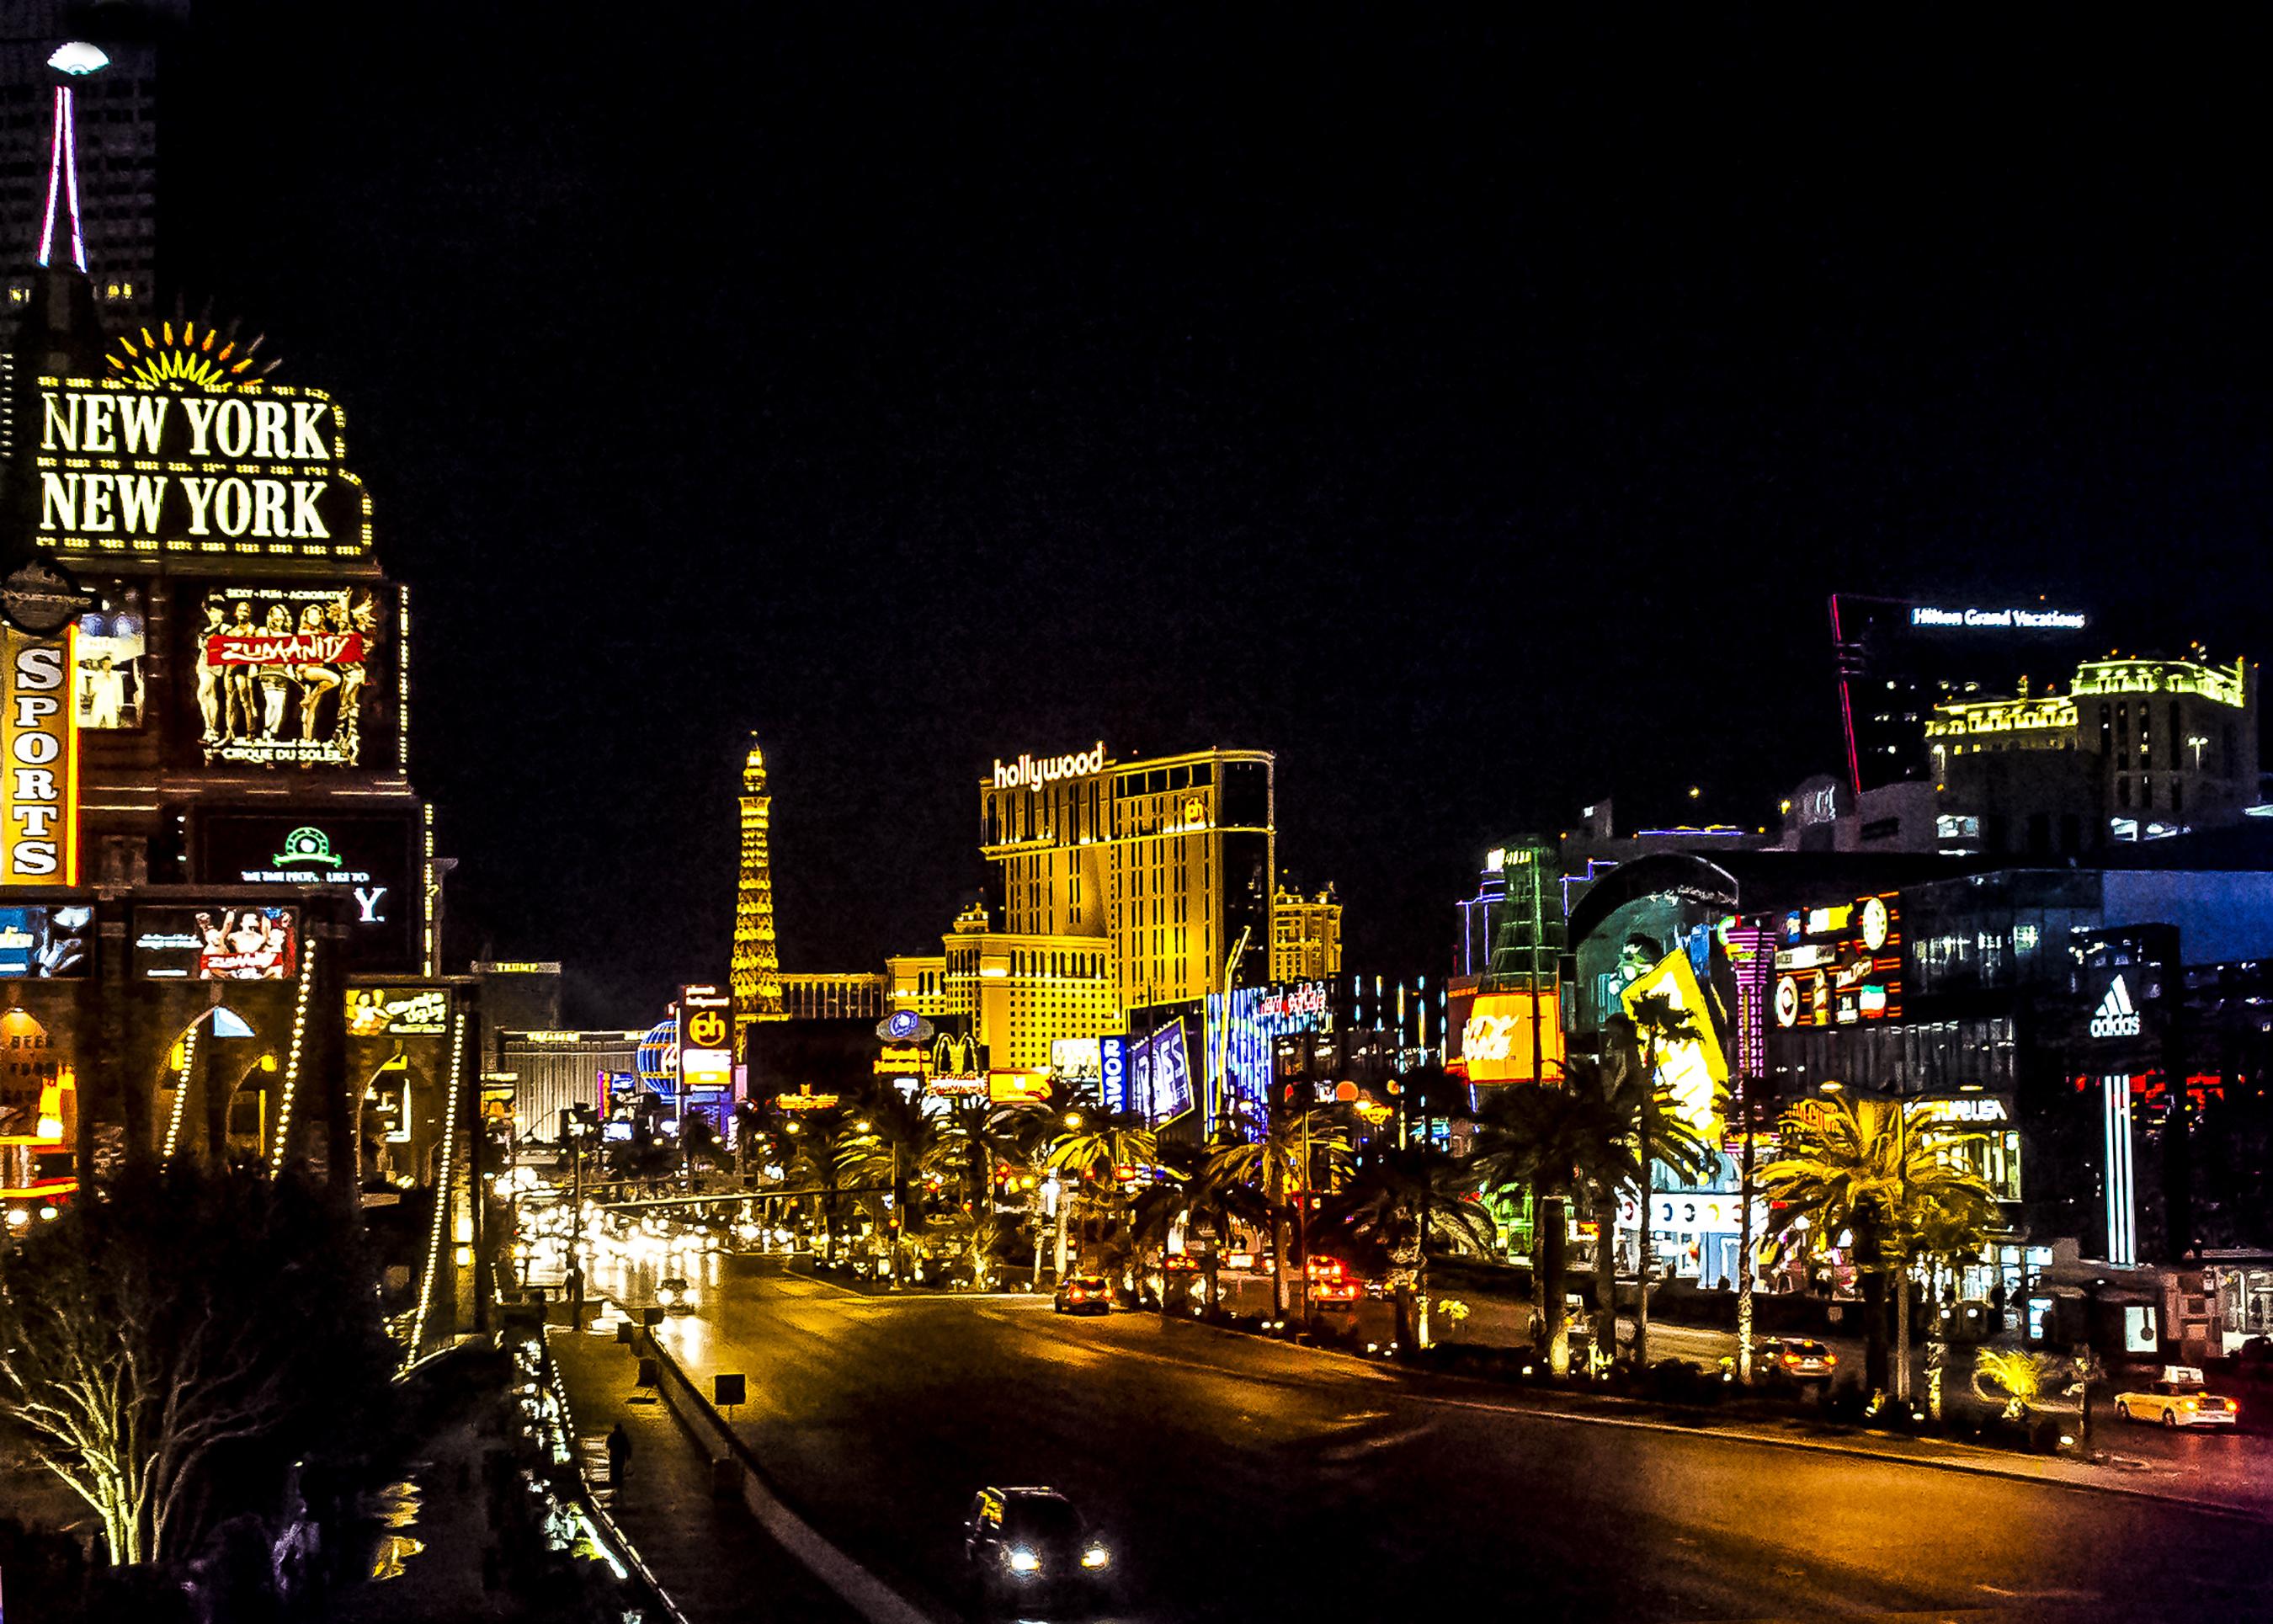 Night view of the Las Vegas Strip